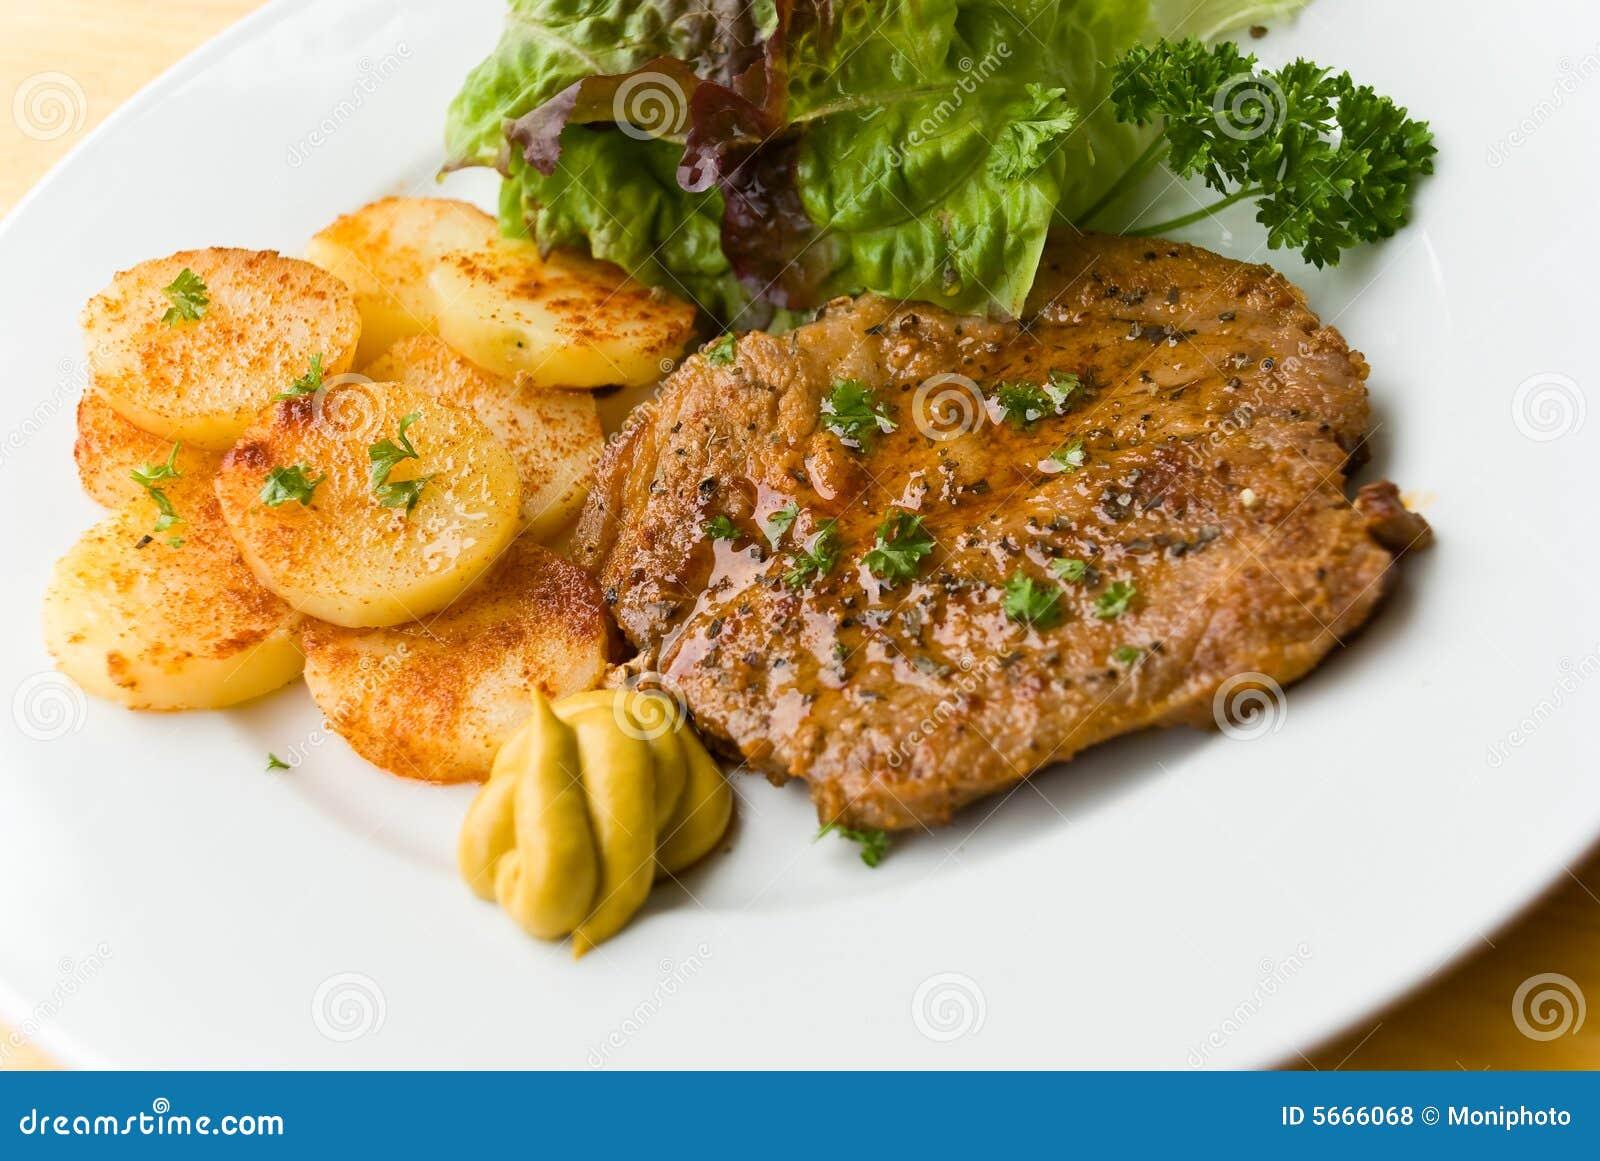 grill mit steaks von schweinefleisch gebratene kartoffeln salat lizenzfreie stockfotos bild. Black Bedroom Furniture Sets. Home Design Ideas